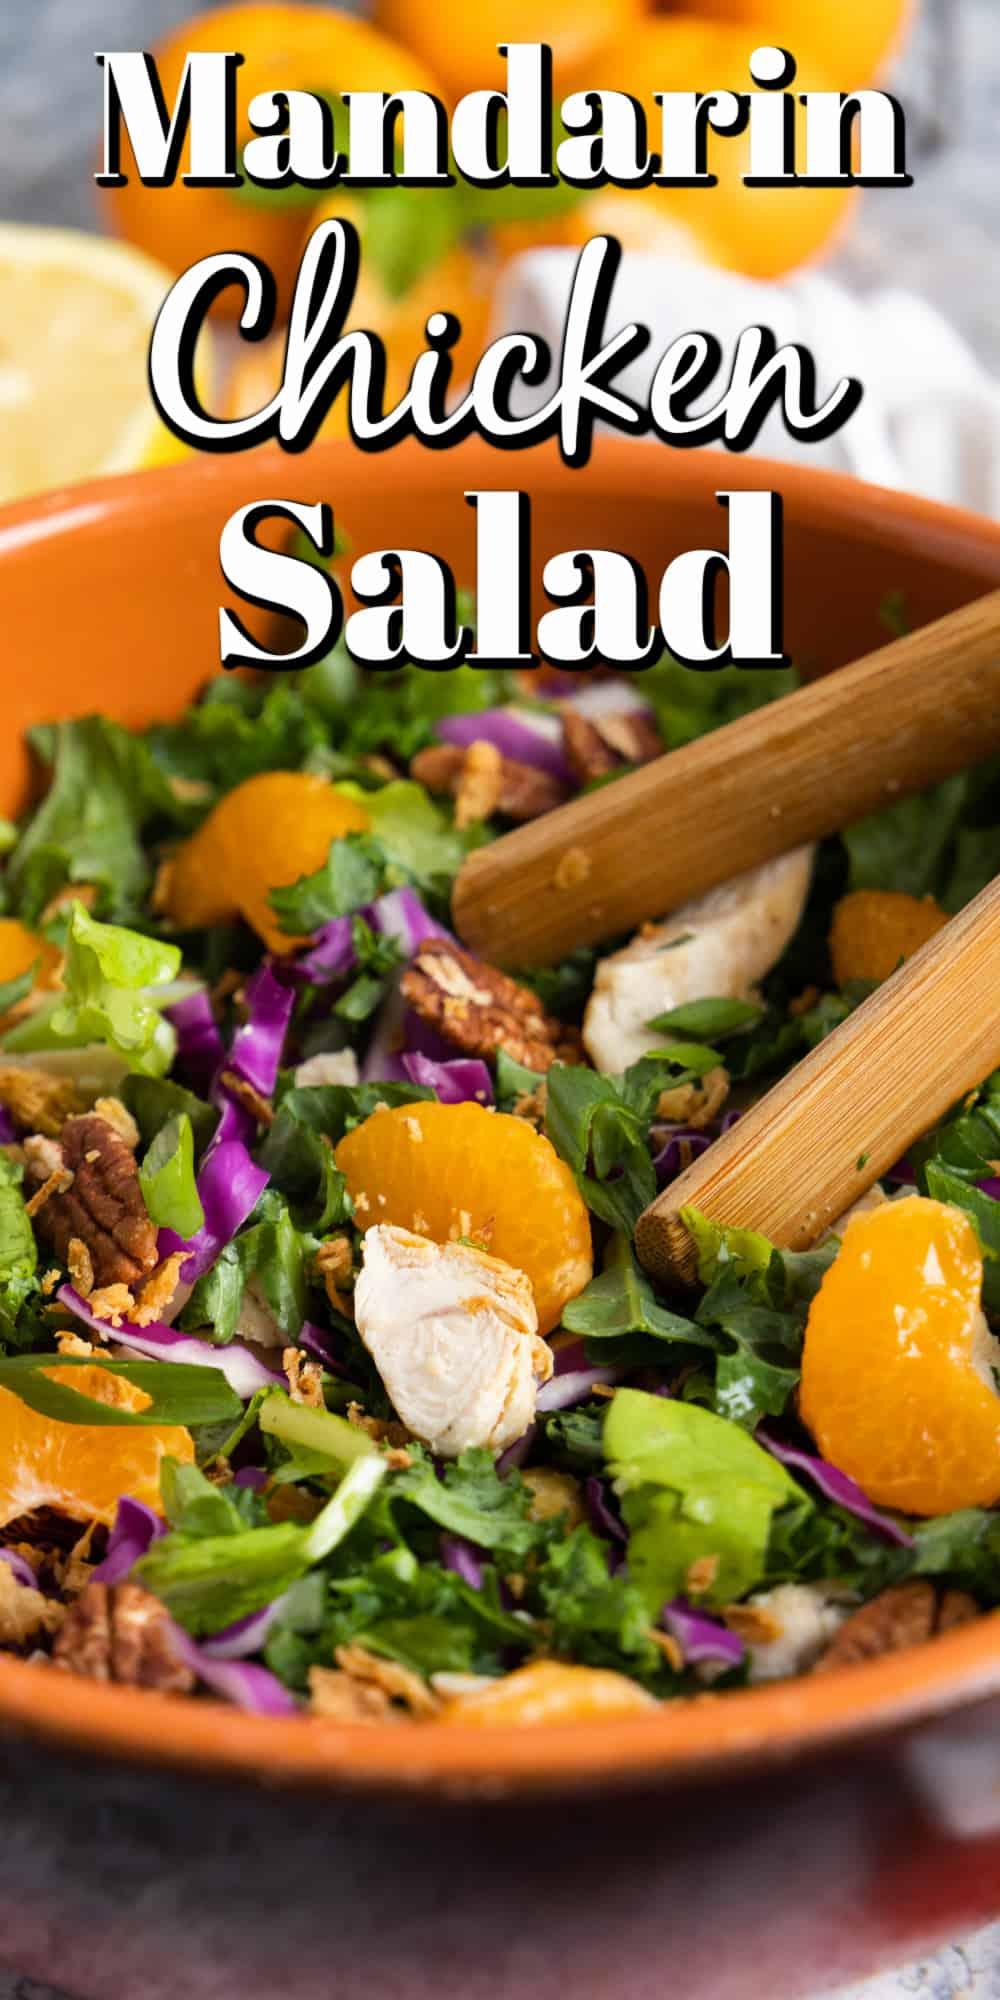 Mandarin Chicken Salad Pin